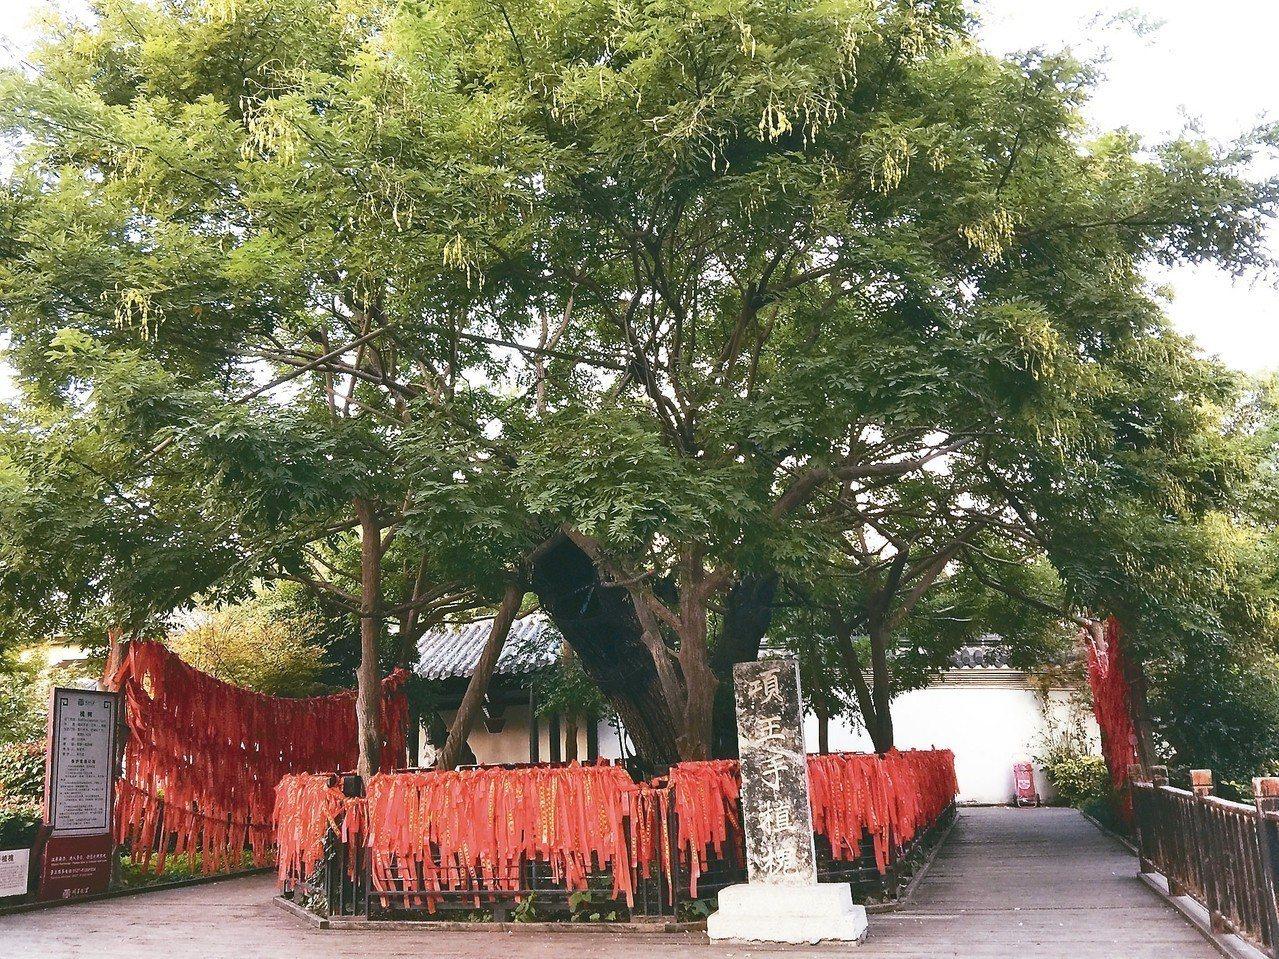 項羽手植槐樹